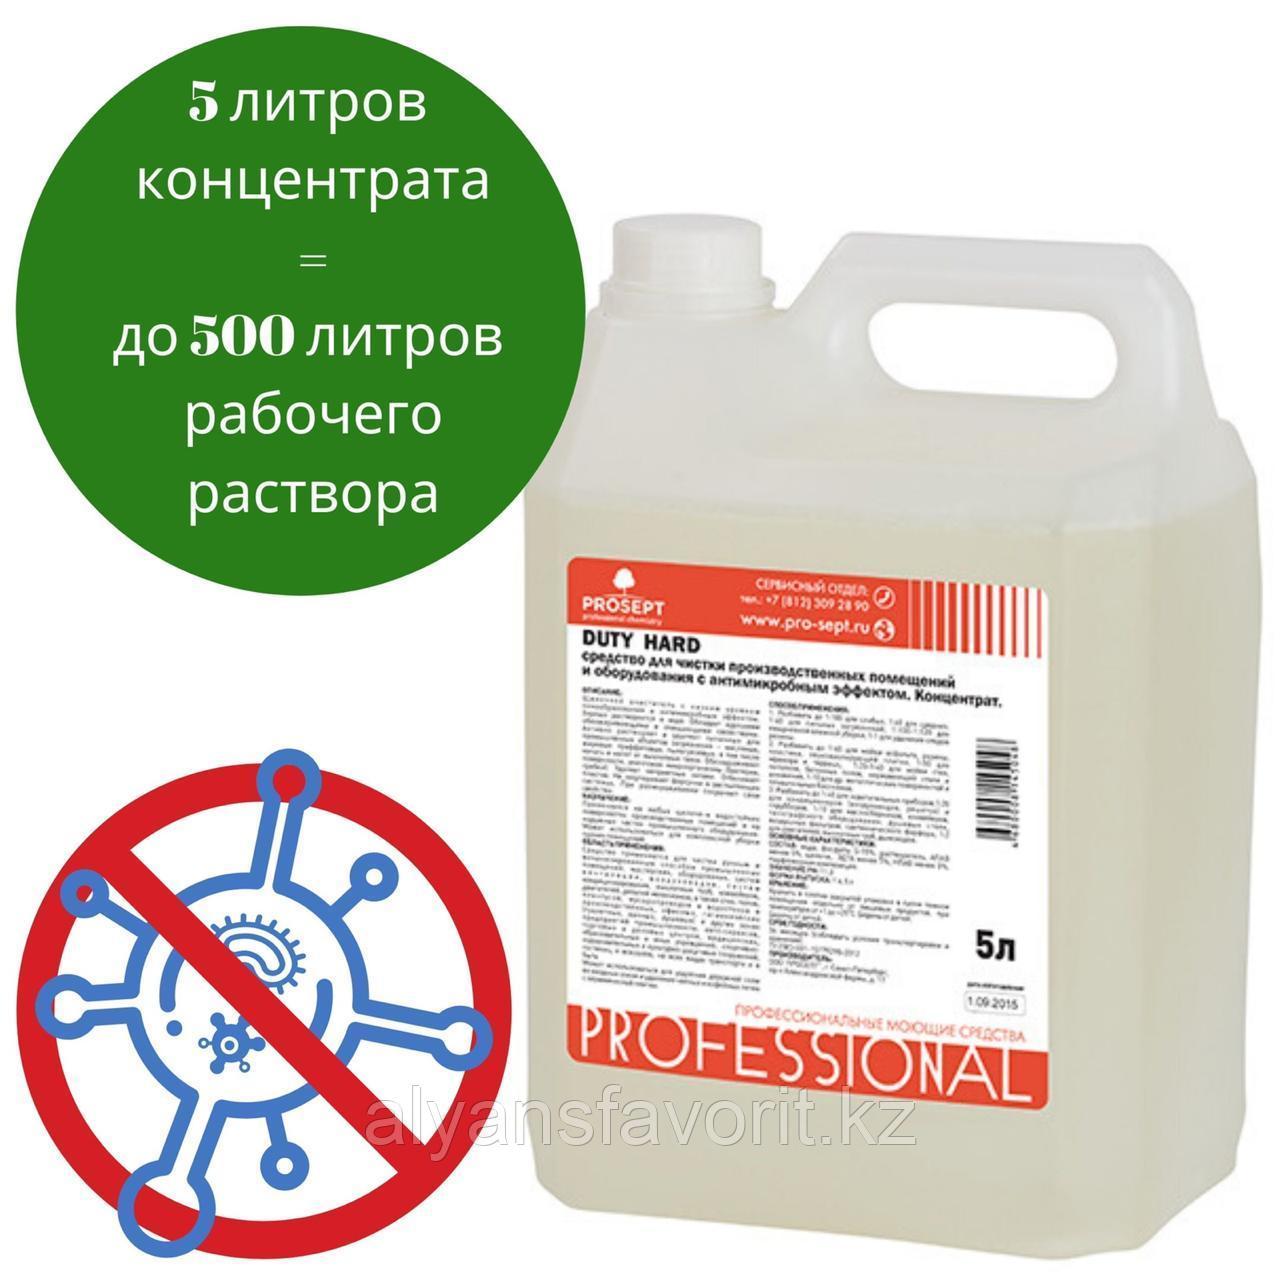 Duty HARD (DZ) - дезинфицирующее моющее средство для производственных помещений. 5 литров